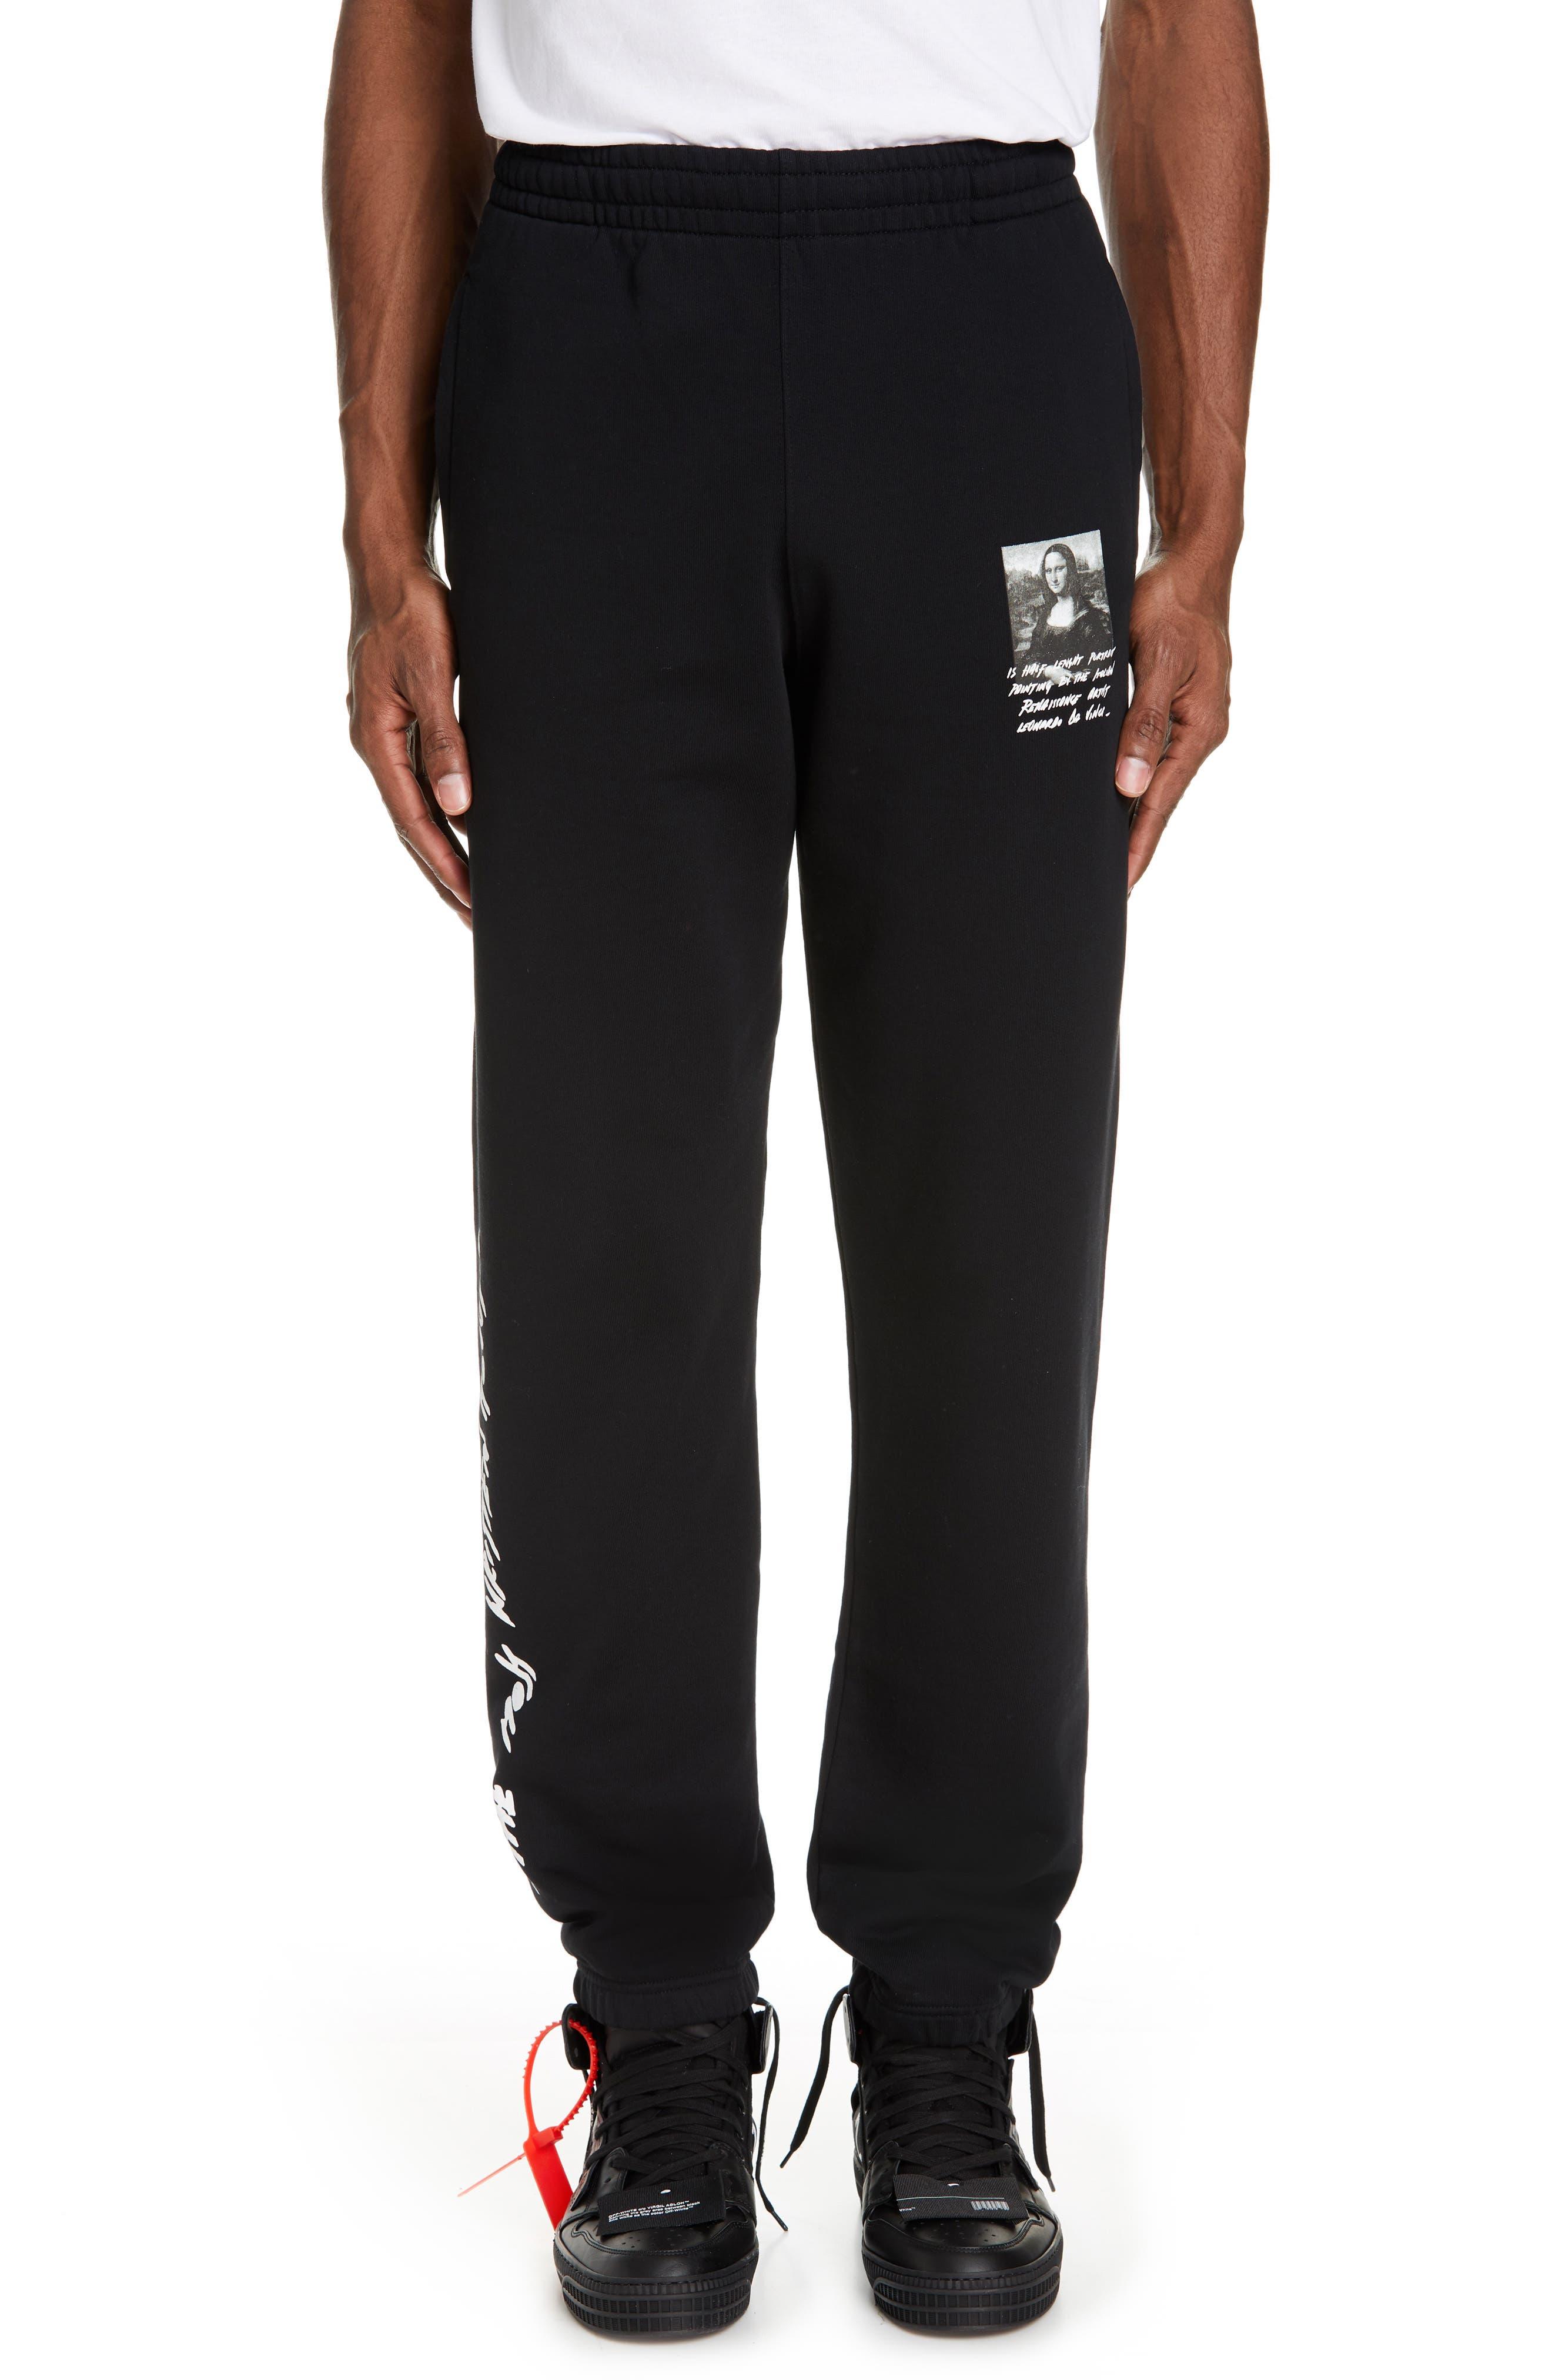 Monnalisa Slim Sweatpants,                             Main thumbnail 1, color,                             BLACK